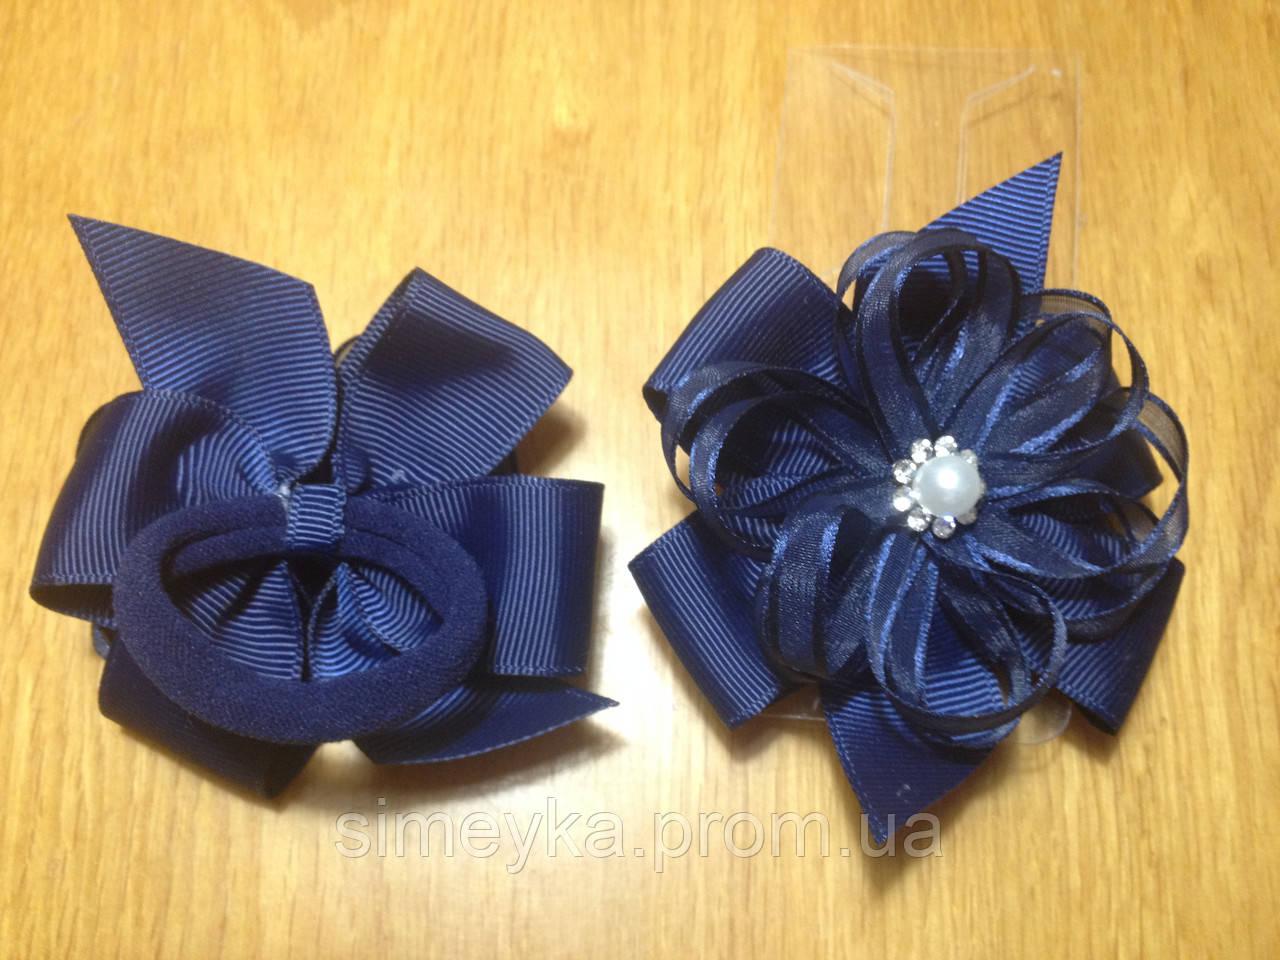 Бантики нарядные из ленты на резинке, 8*7 см, упаковка 2 шт. (пара) одного цвета. Тёмно-синие